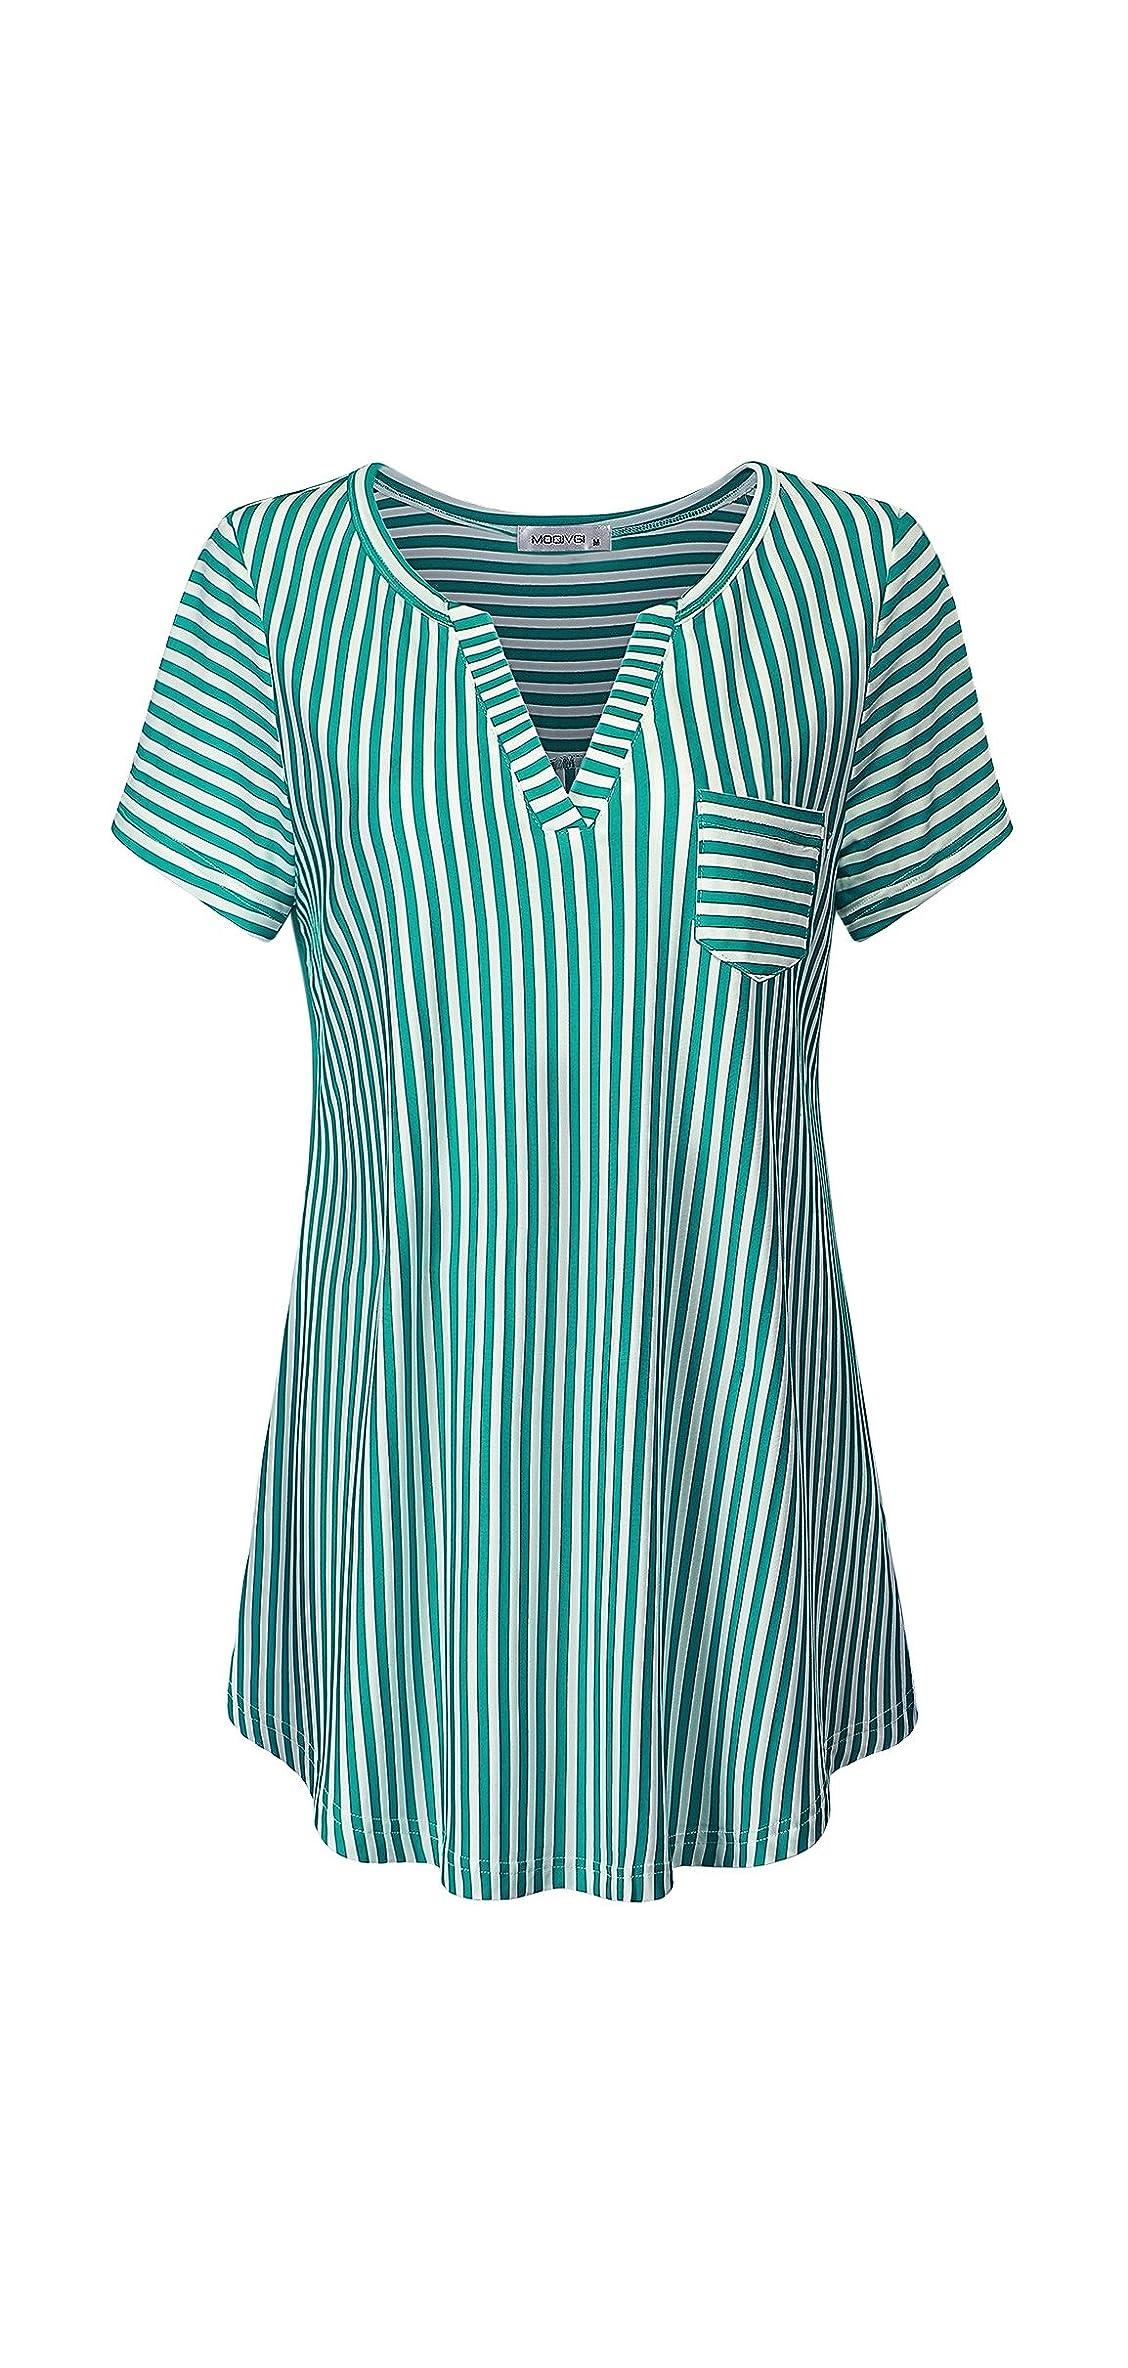 Women's Summer Stripe Vneck Short Sleeve Blouse Tops